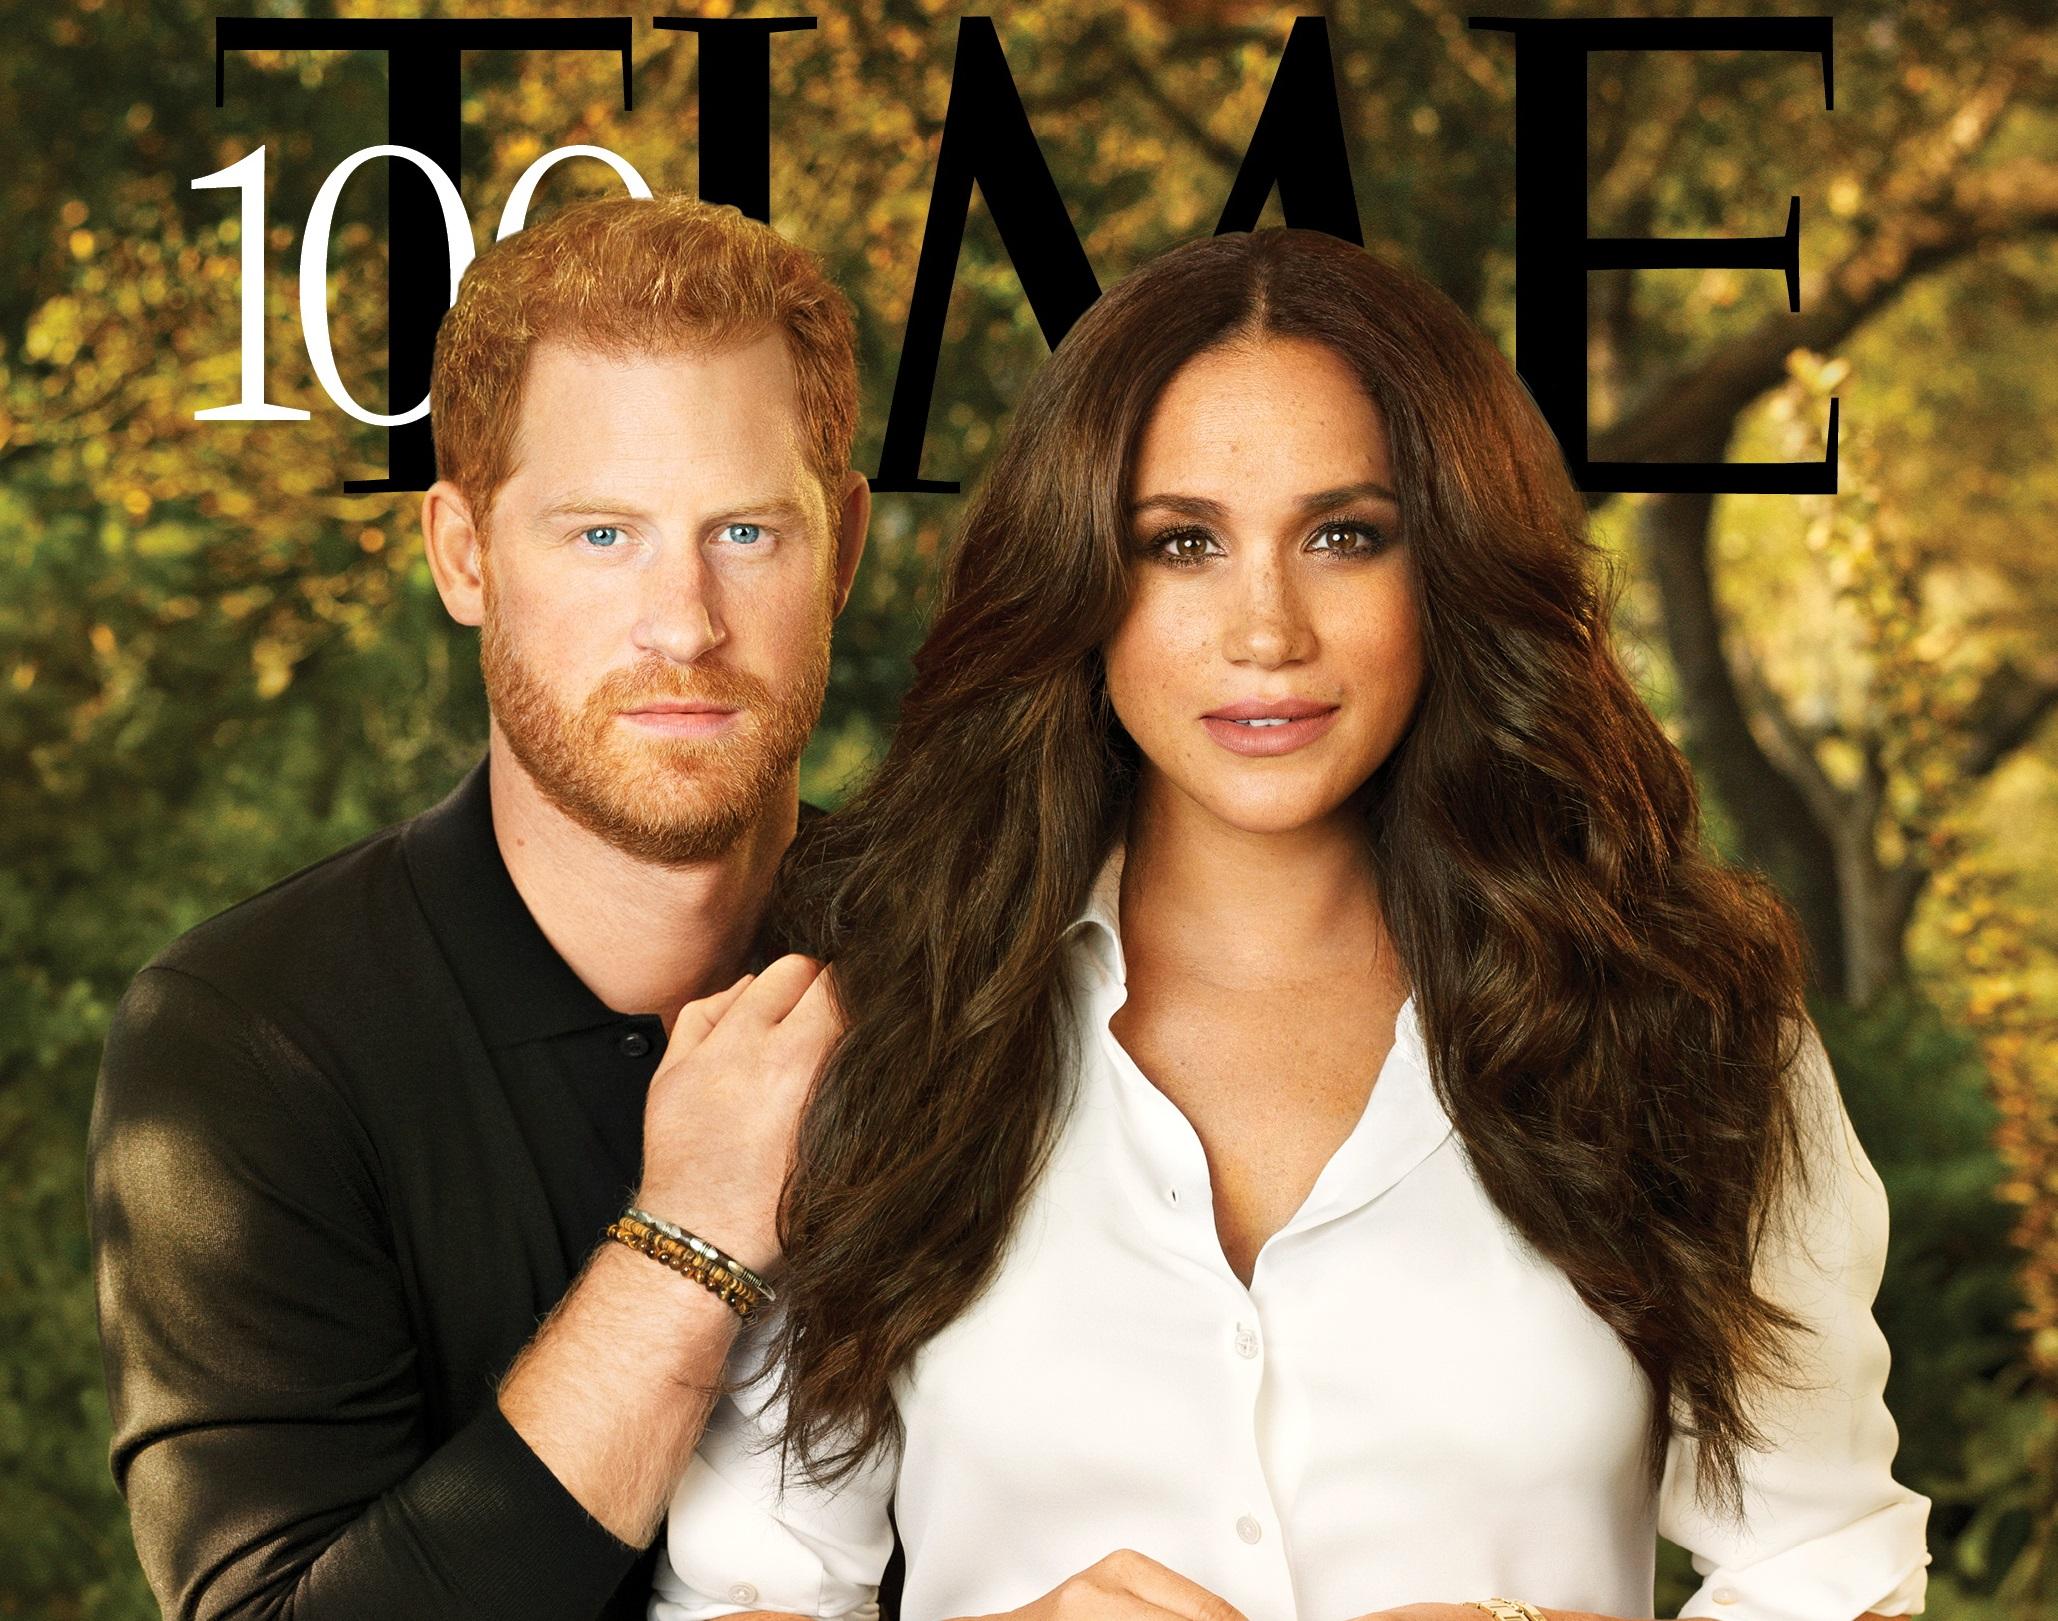 Περιοδικό Time: Ο Χάρι και η Μέγκαν στους 100 πιο επιδραστικούς ανθρώπους στον κόσμο